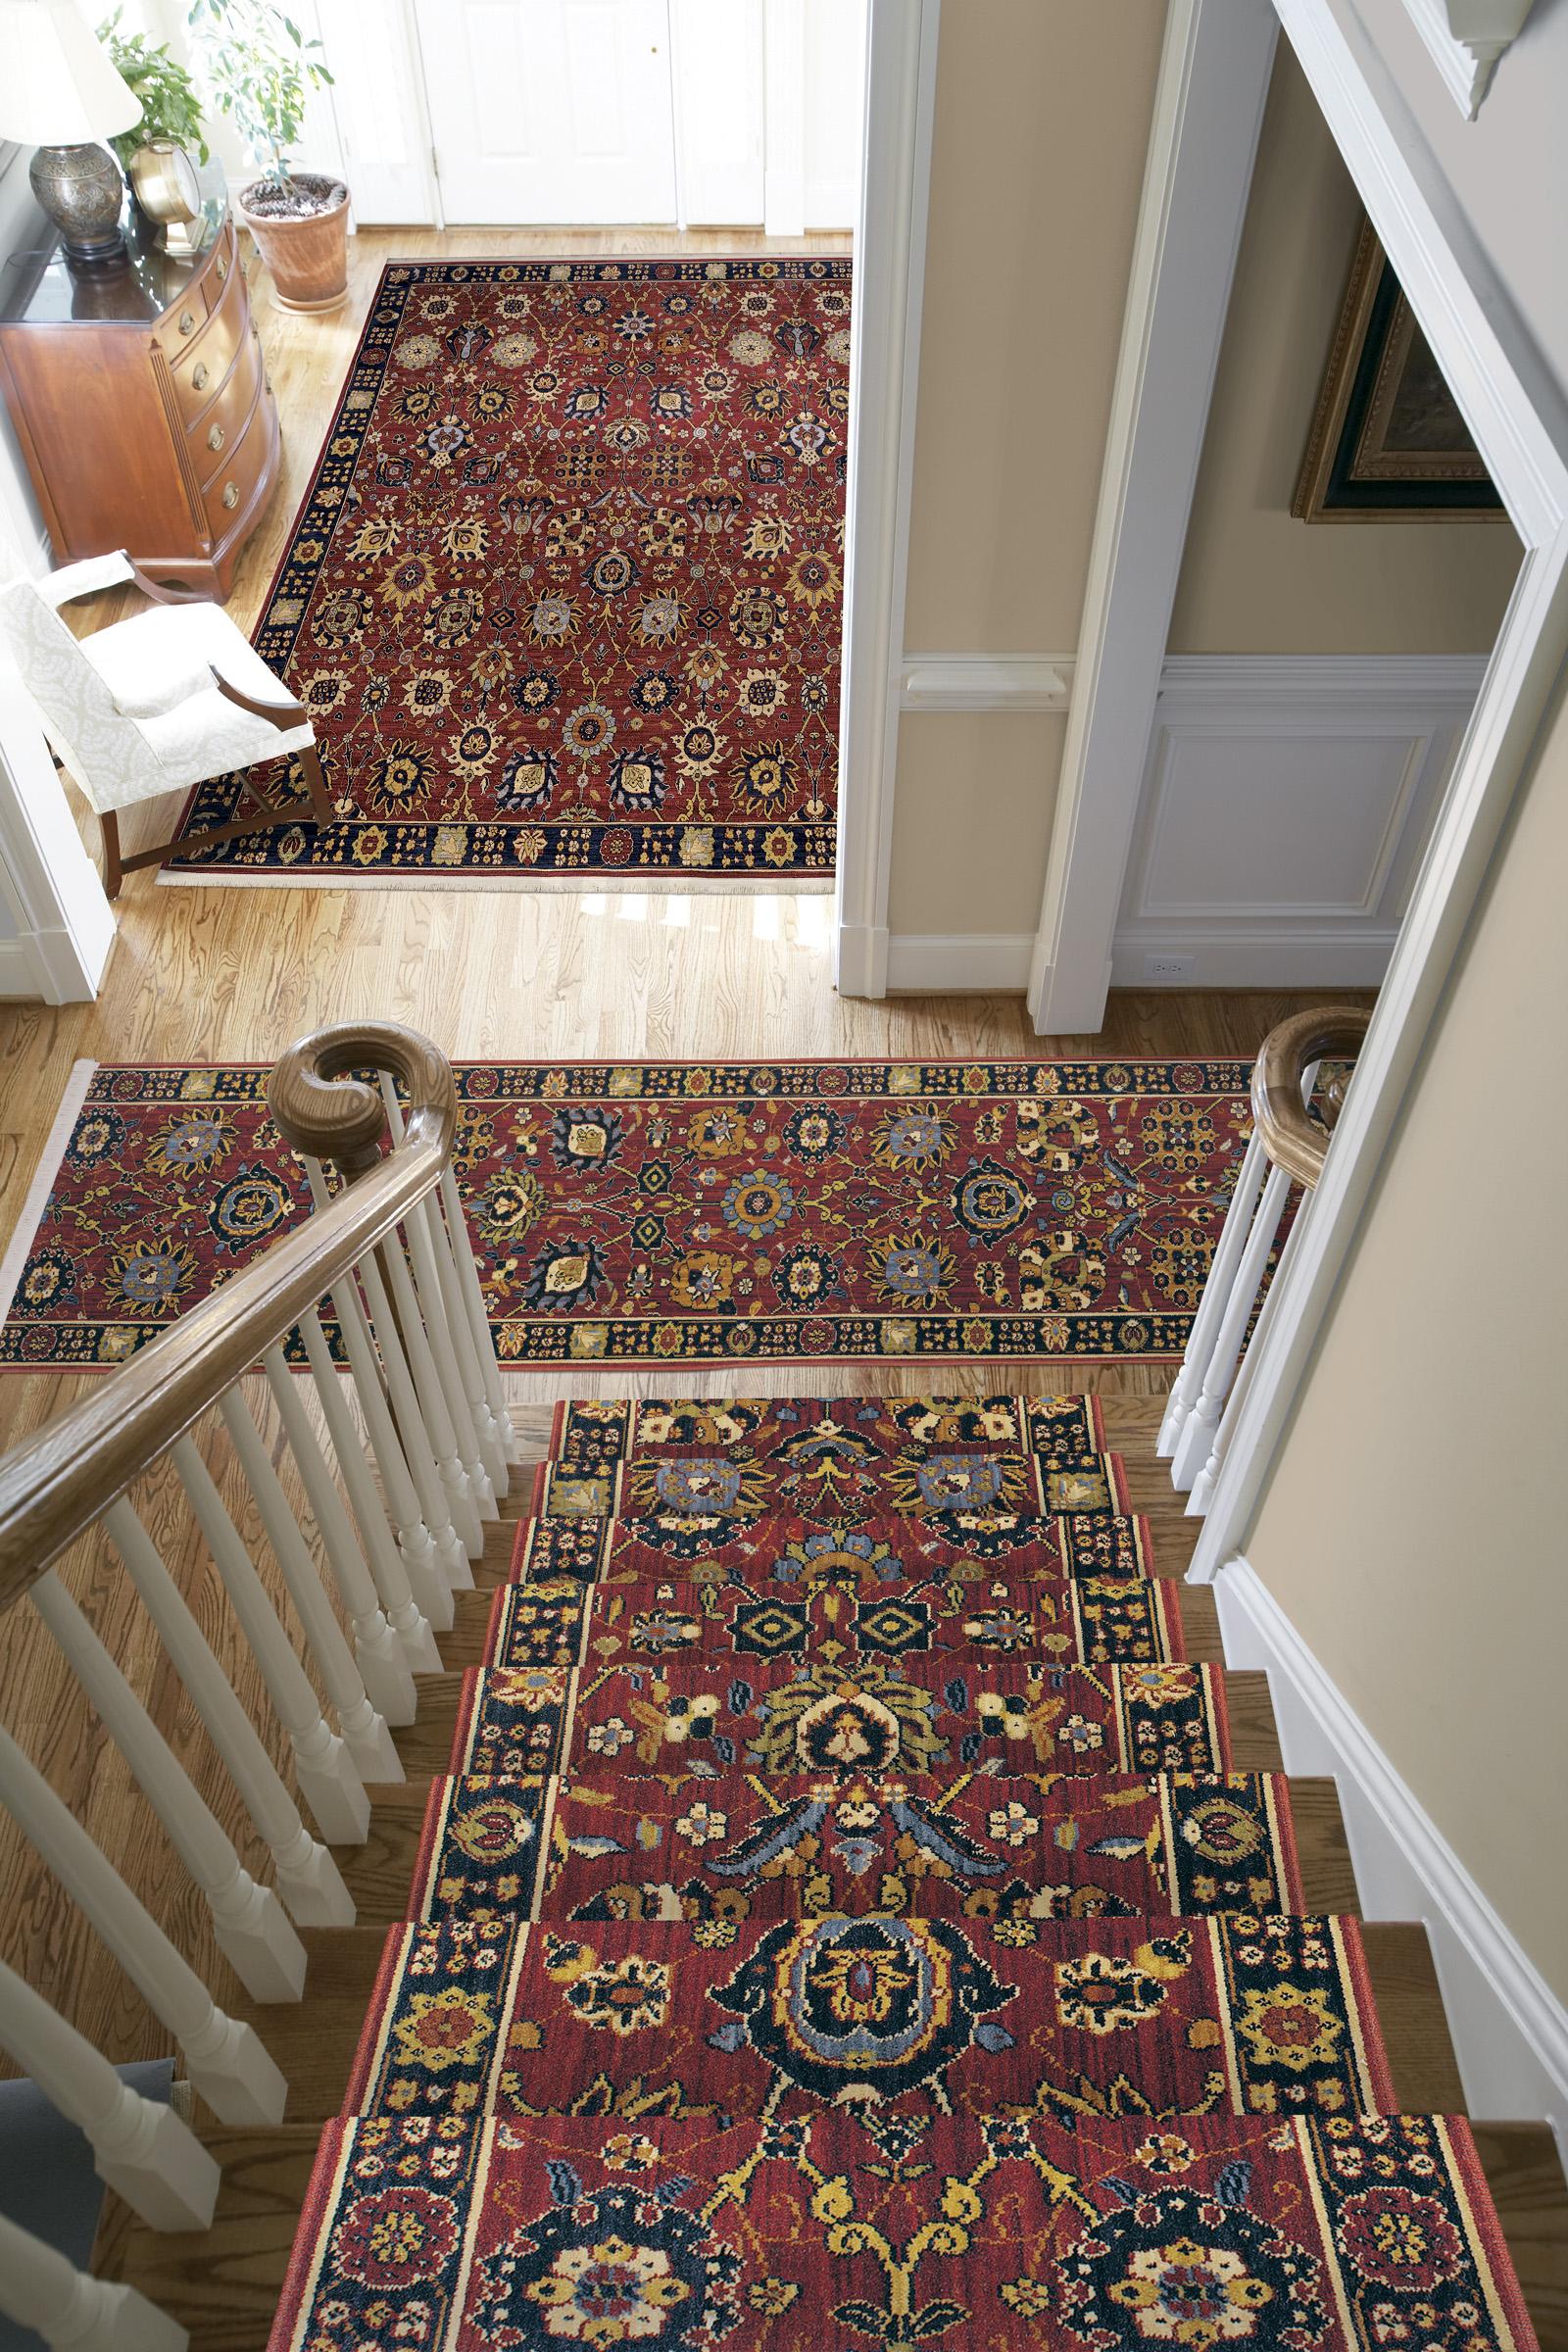 Stair runner & rug